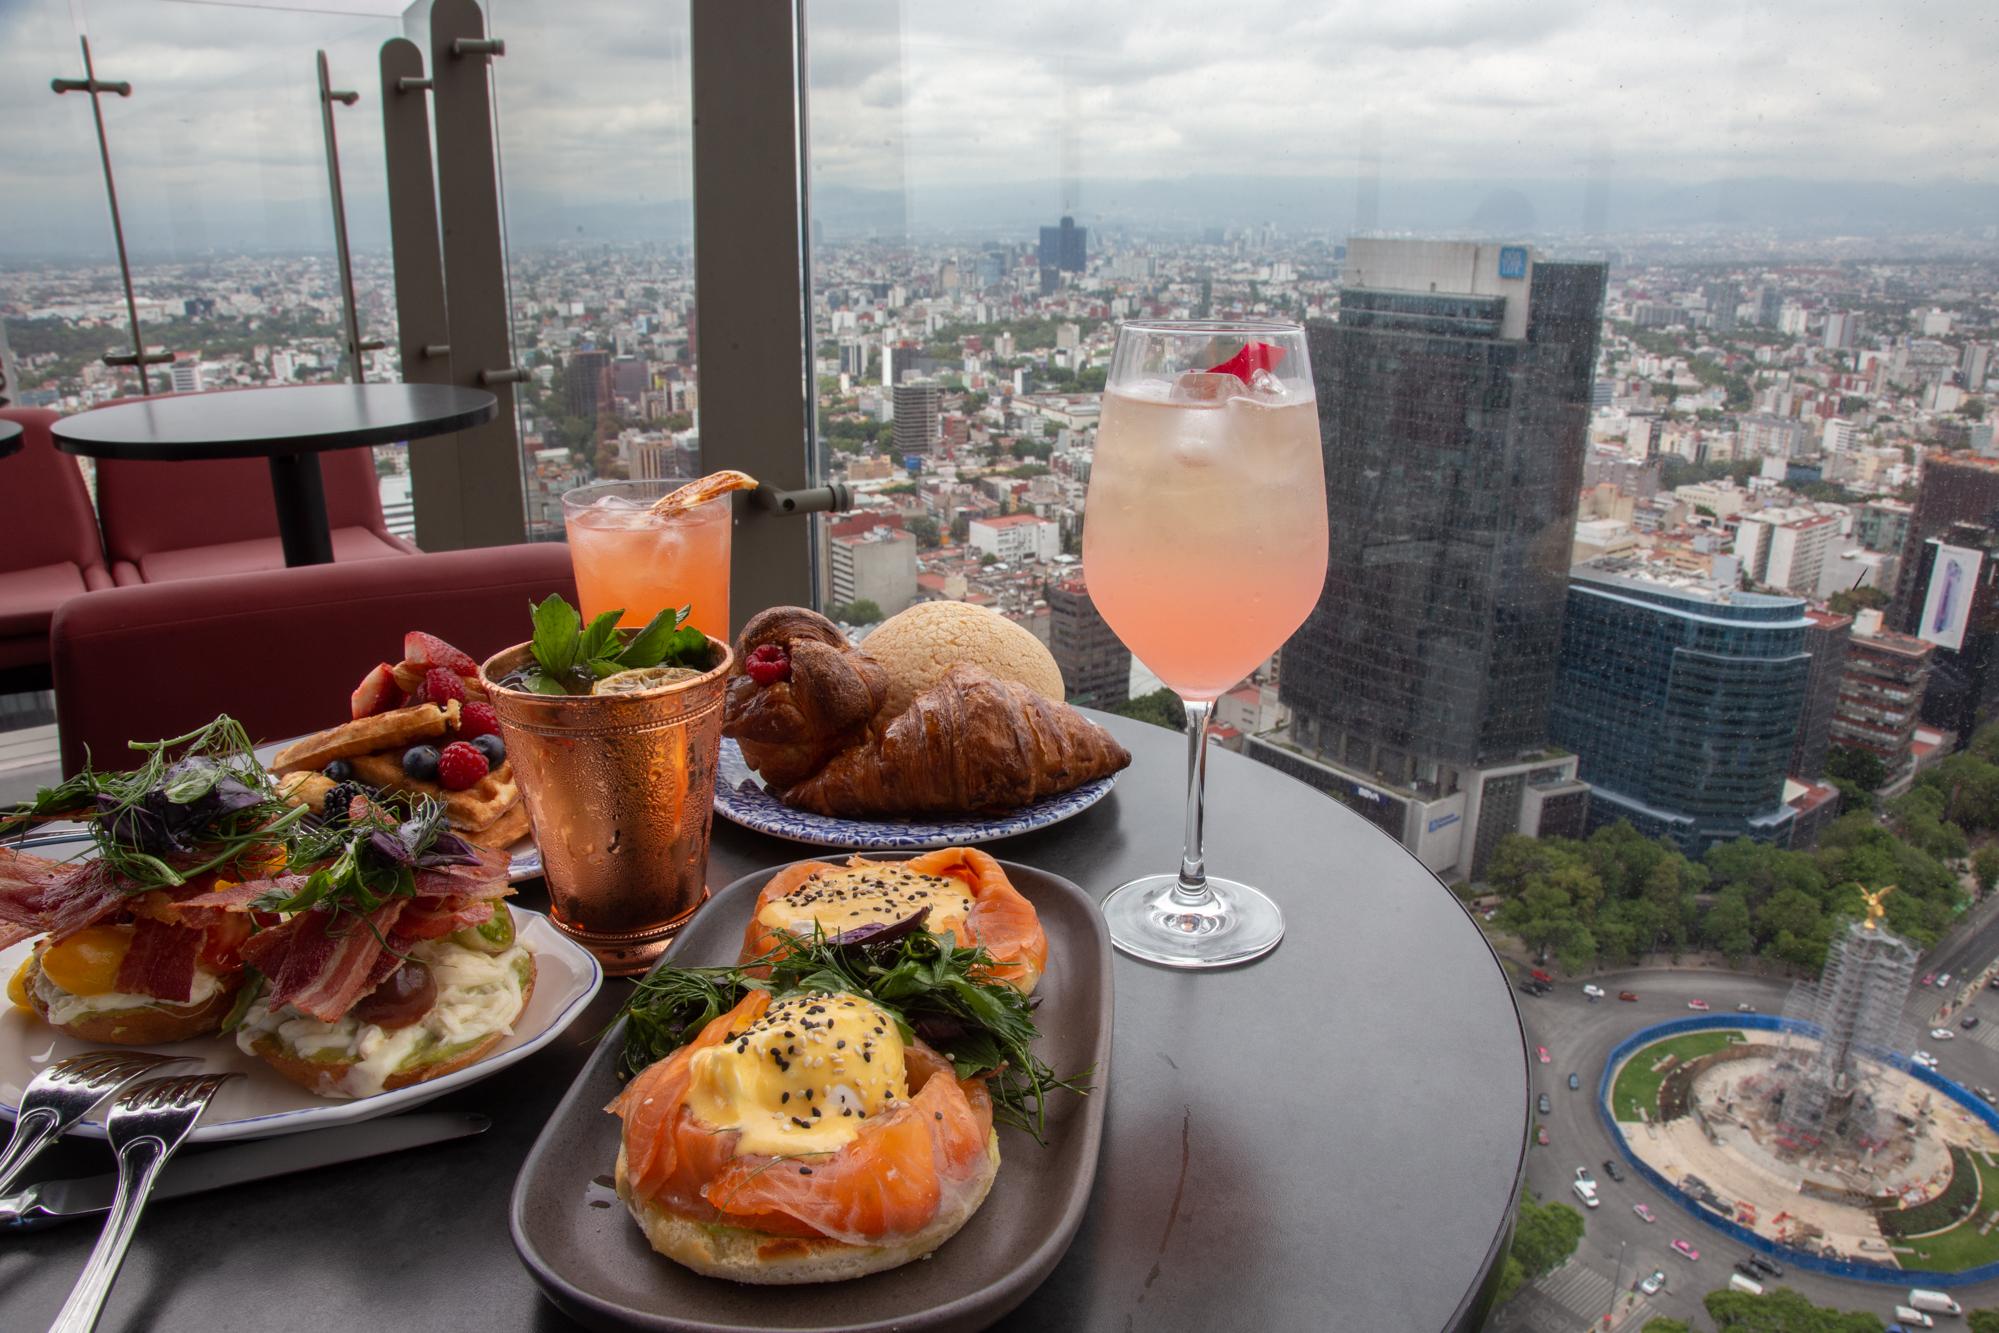 Lánzate a desayunar con la mejor vista de la ciudad (al aire libre) 🍳✨